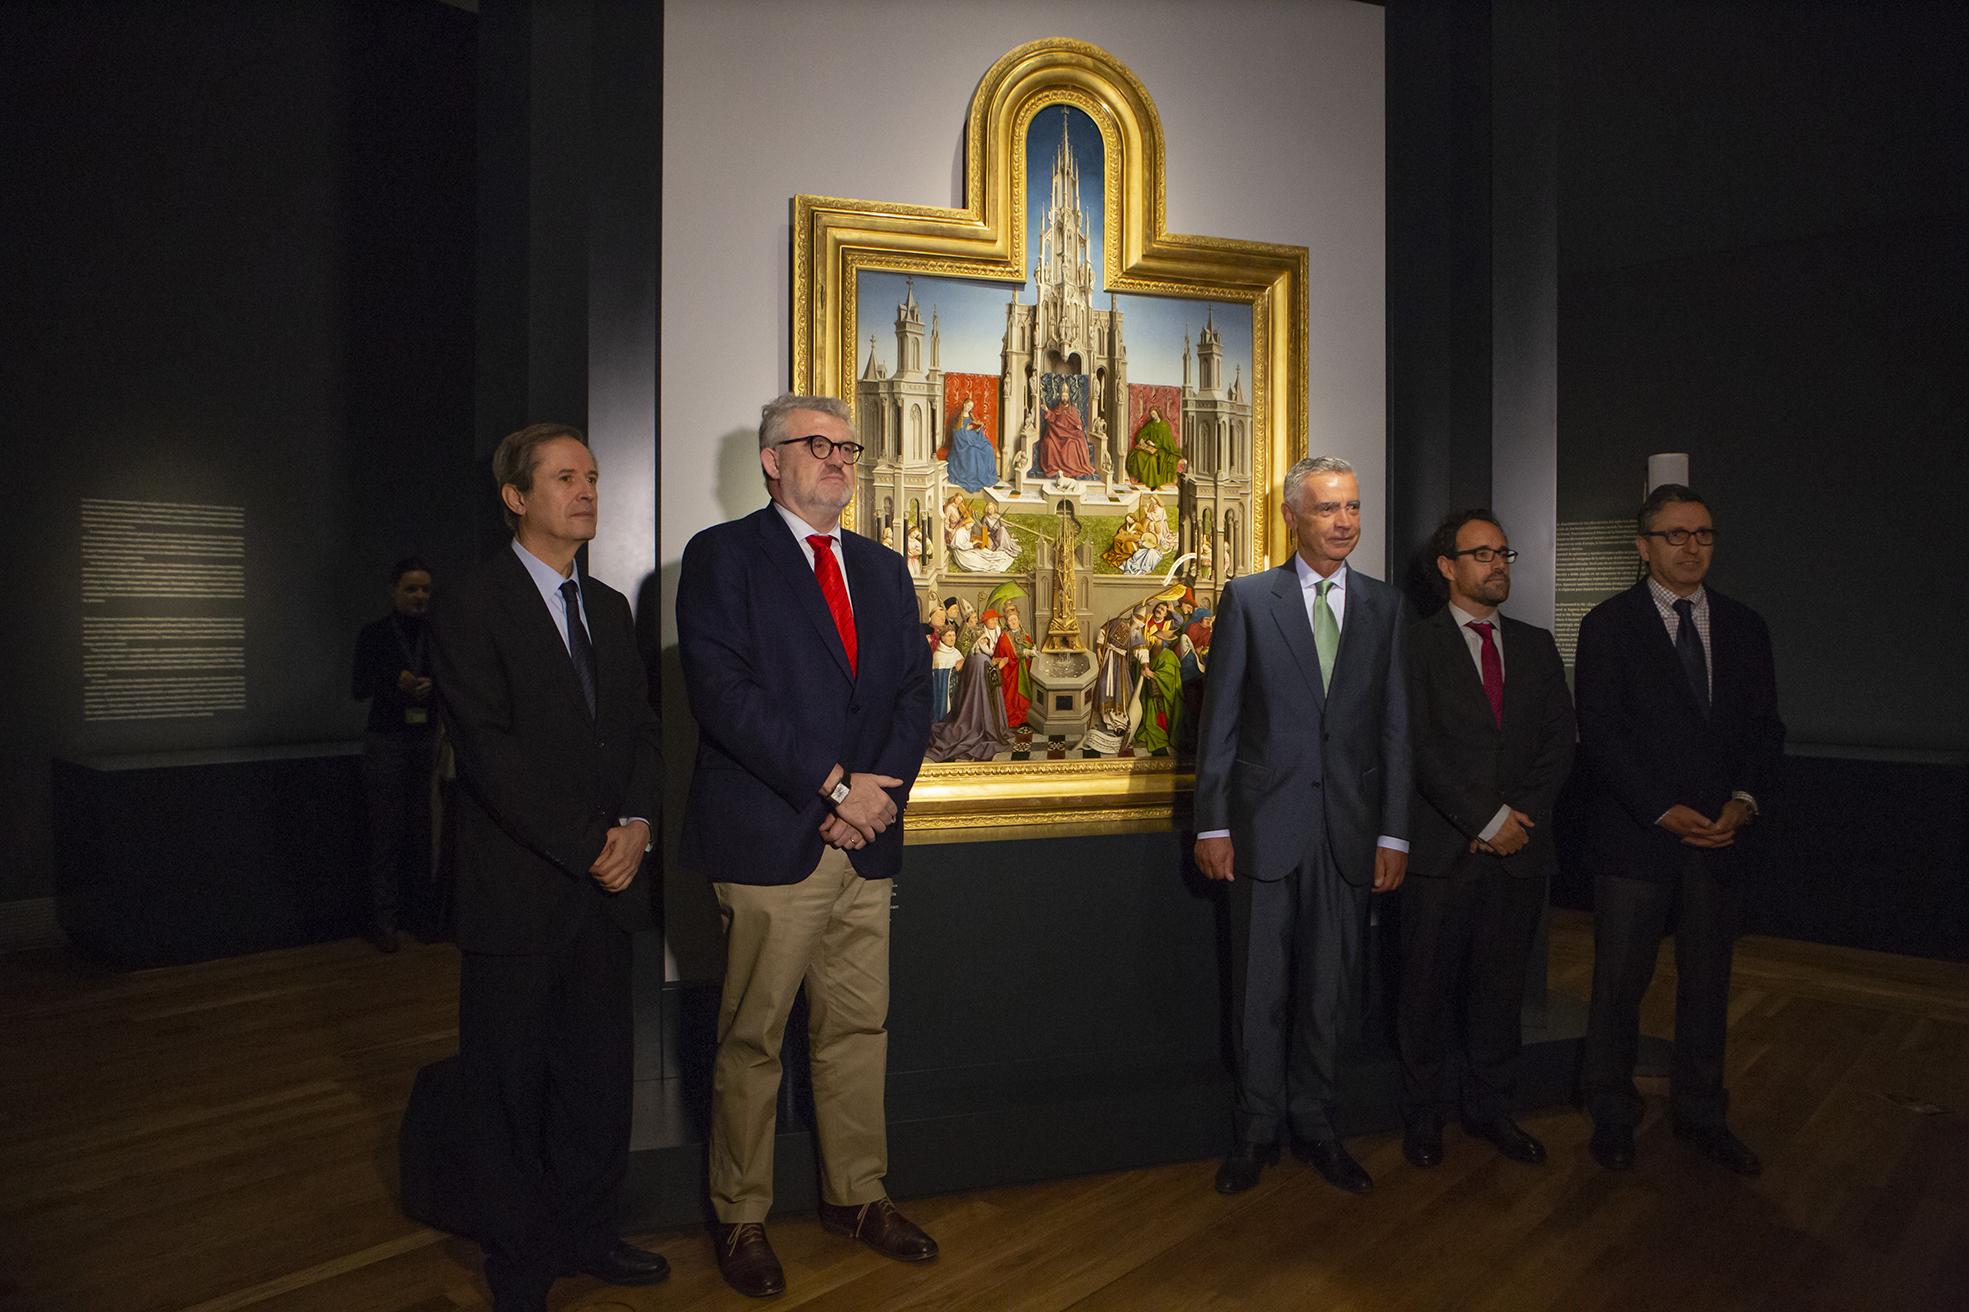 El Museo del Prado y la Fundación Iberdrola España presentan la restauración de La Fuente de la Gracia